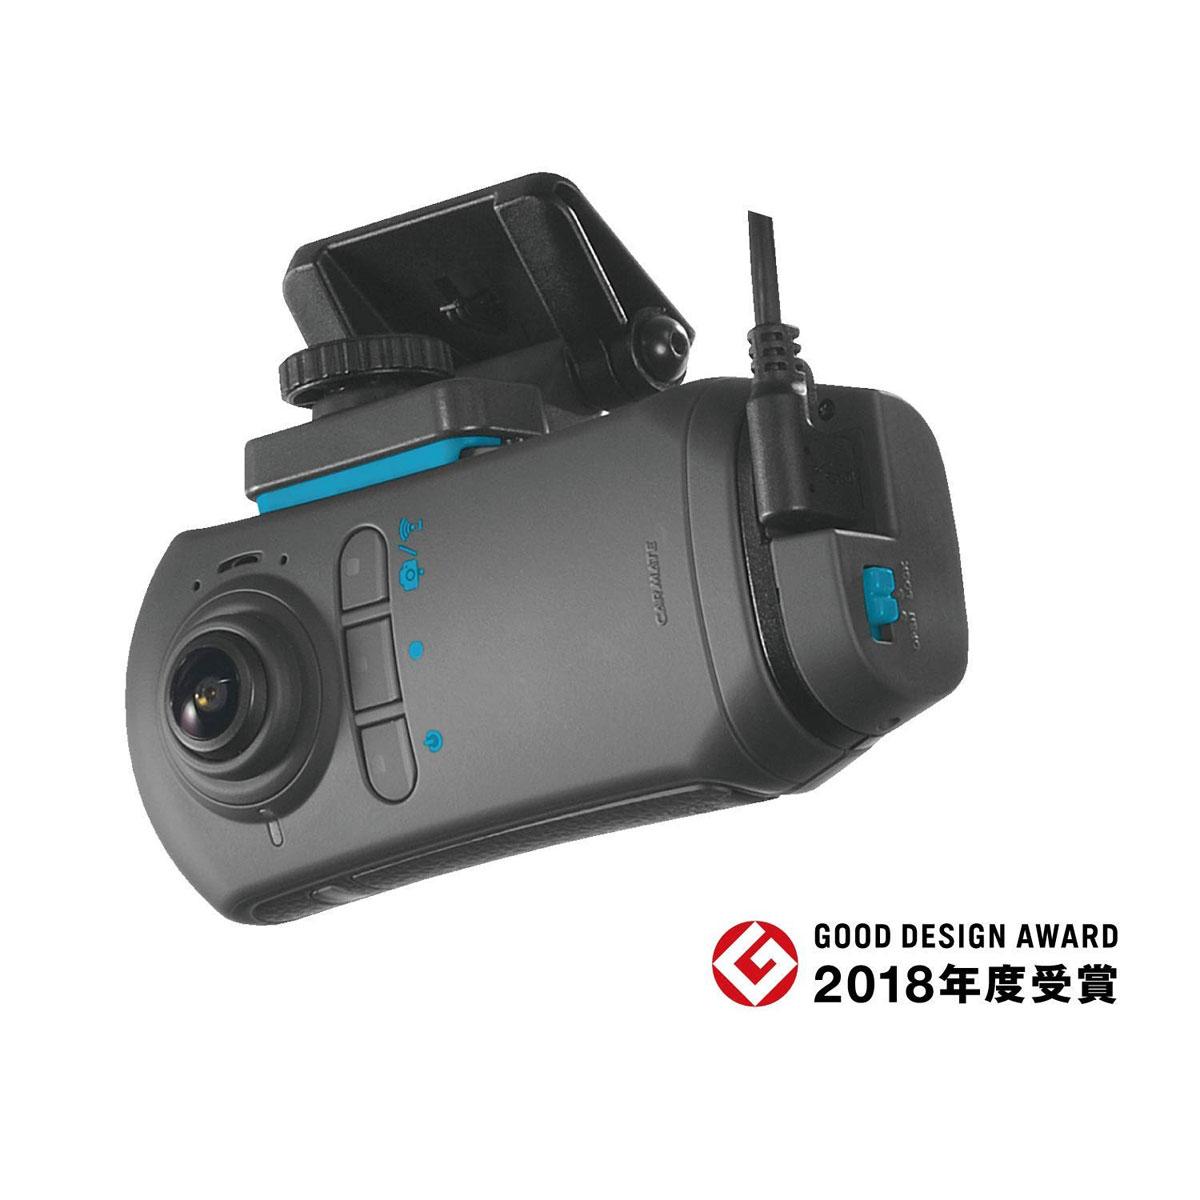 カーメイト ドライブレコーダー アクションカメラ 360度カメラ ダクション d'Action 360S 前後 左右 撮影 超広角 全天球モデル スマホ連携 DC5000 carmate